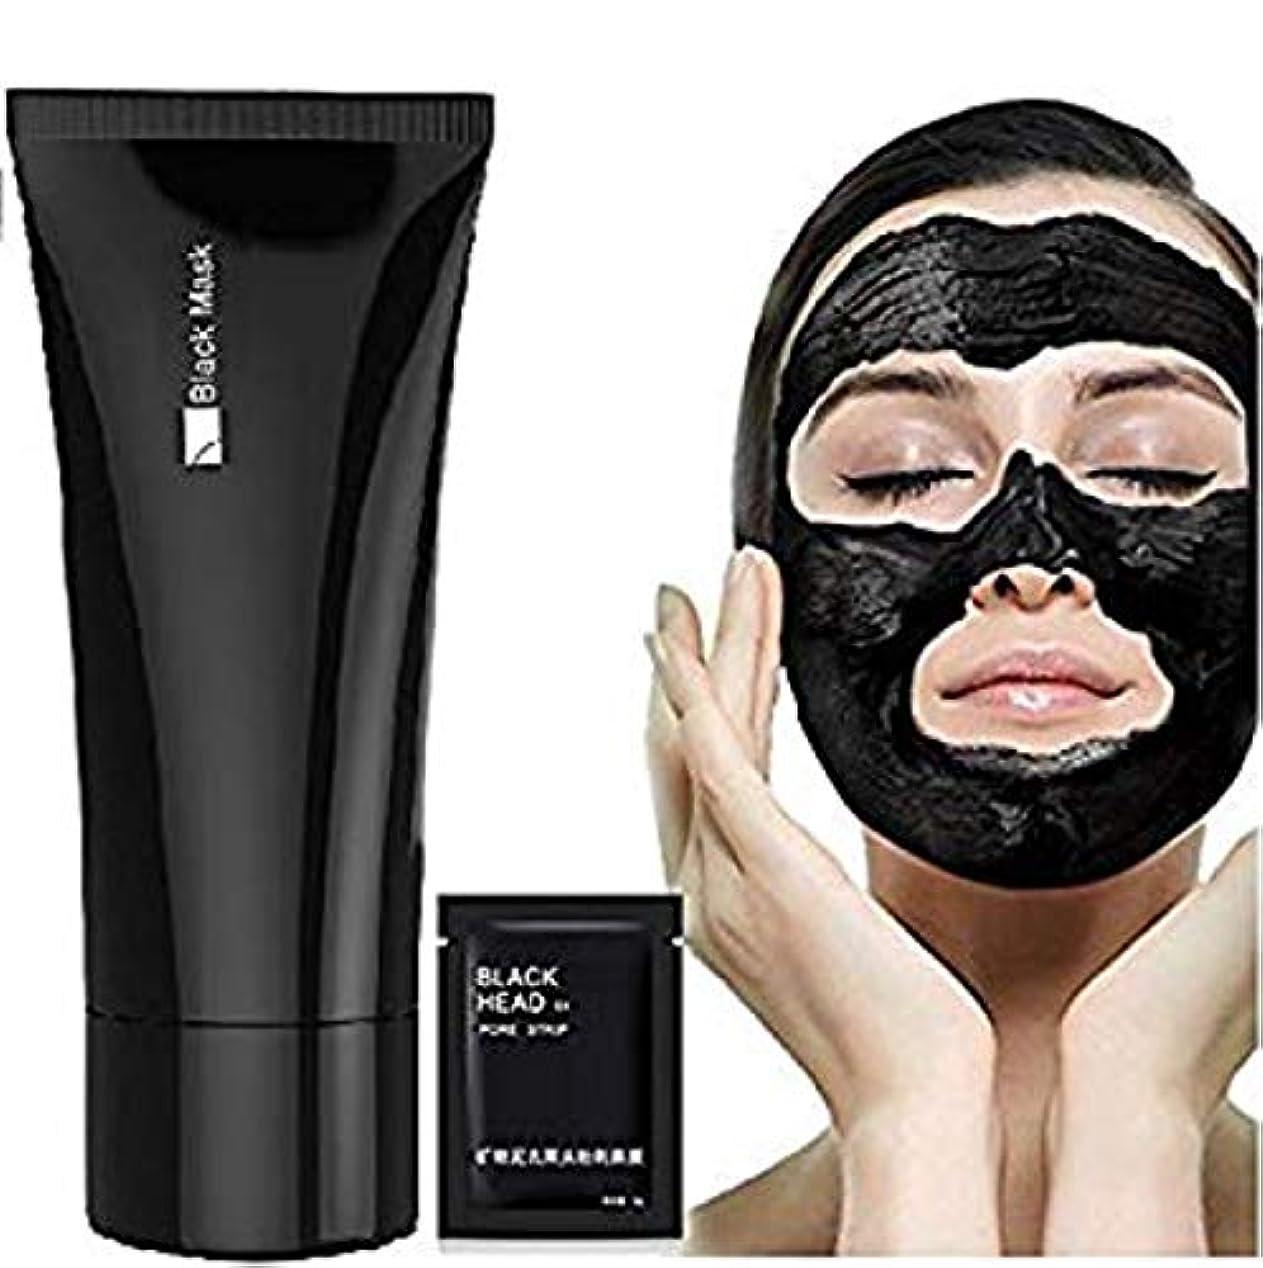 マスタード運動開発face apeel facial masks facial cures black mask blackheads peel off mask deep cleansing pore purifying black head...